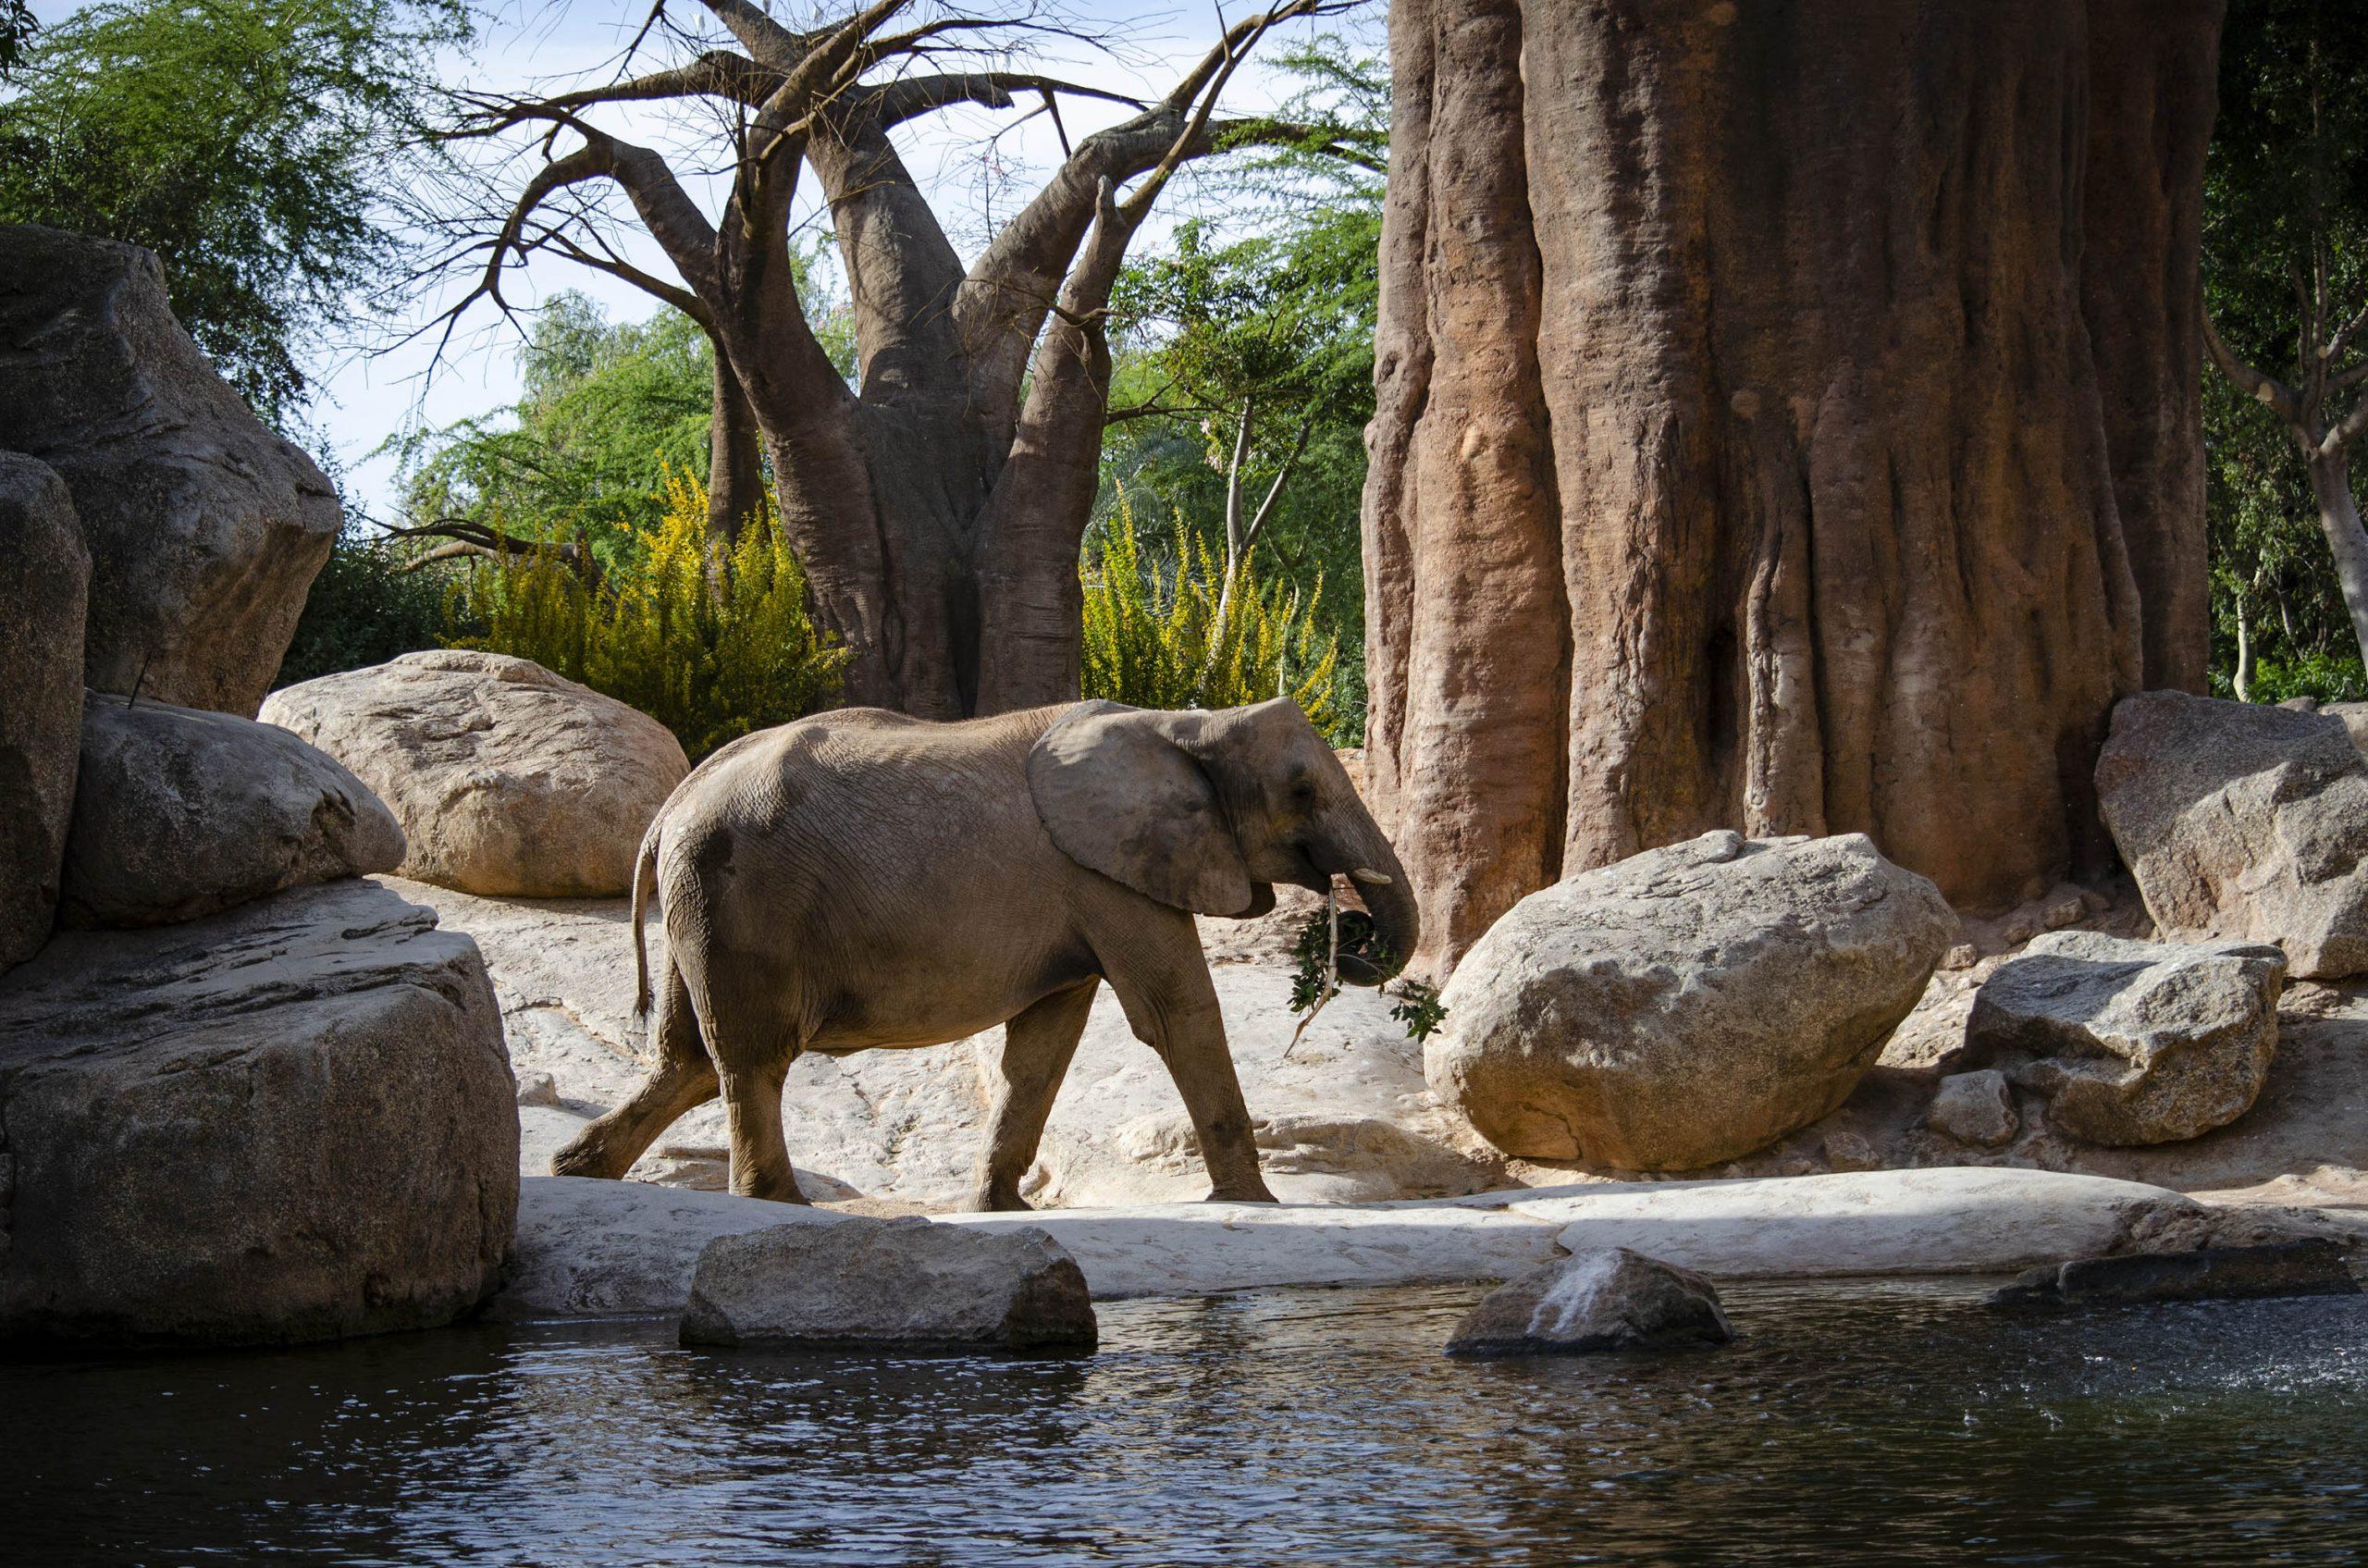 BIOPARC Valencia reconocido como Parque de Naturaleza del año en España